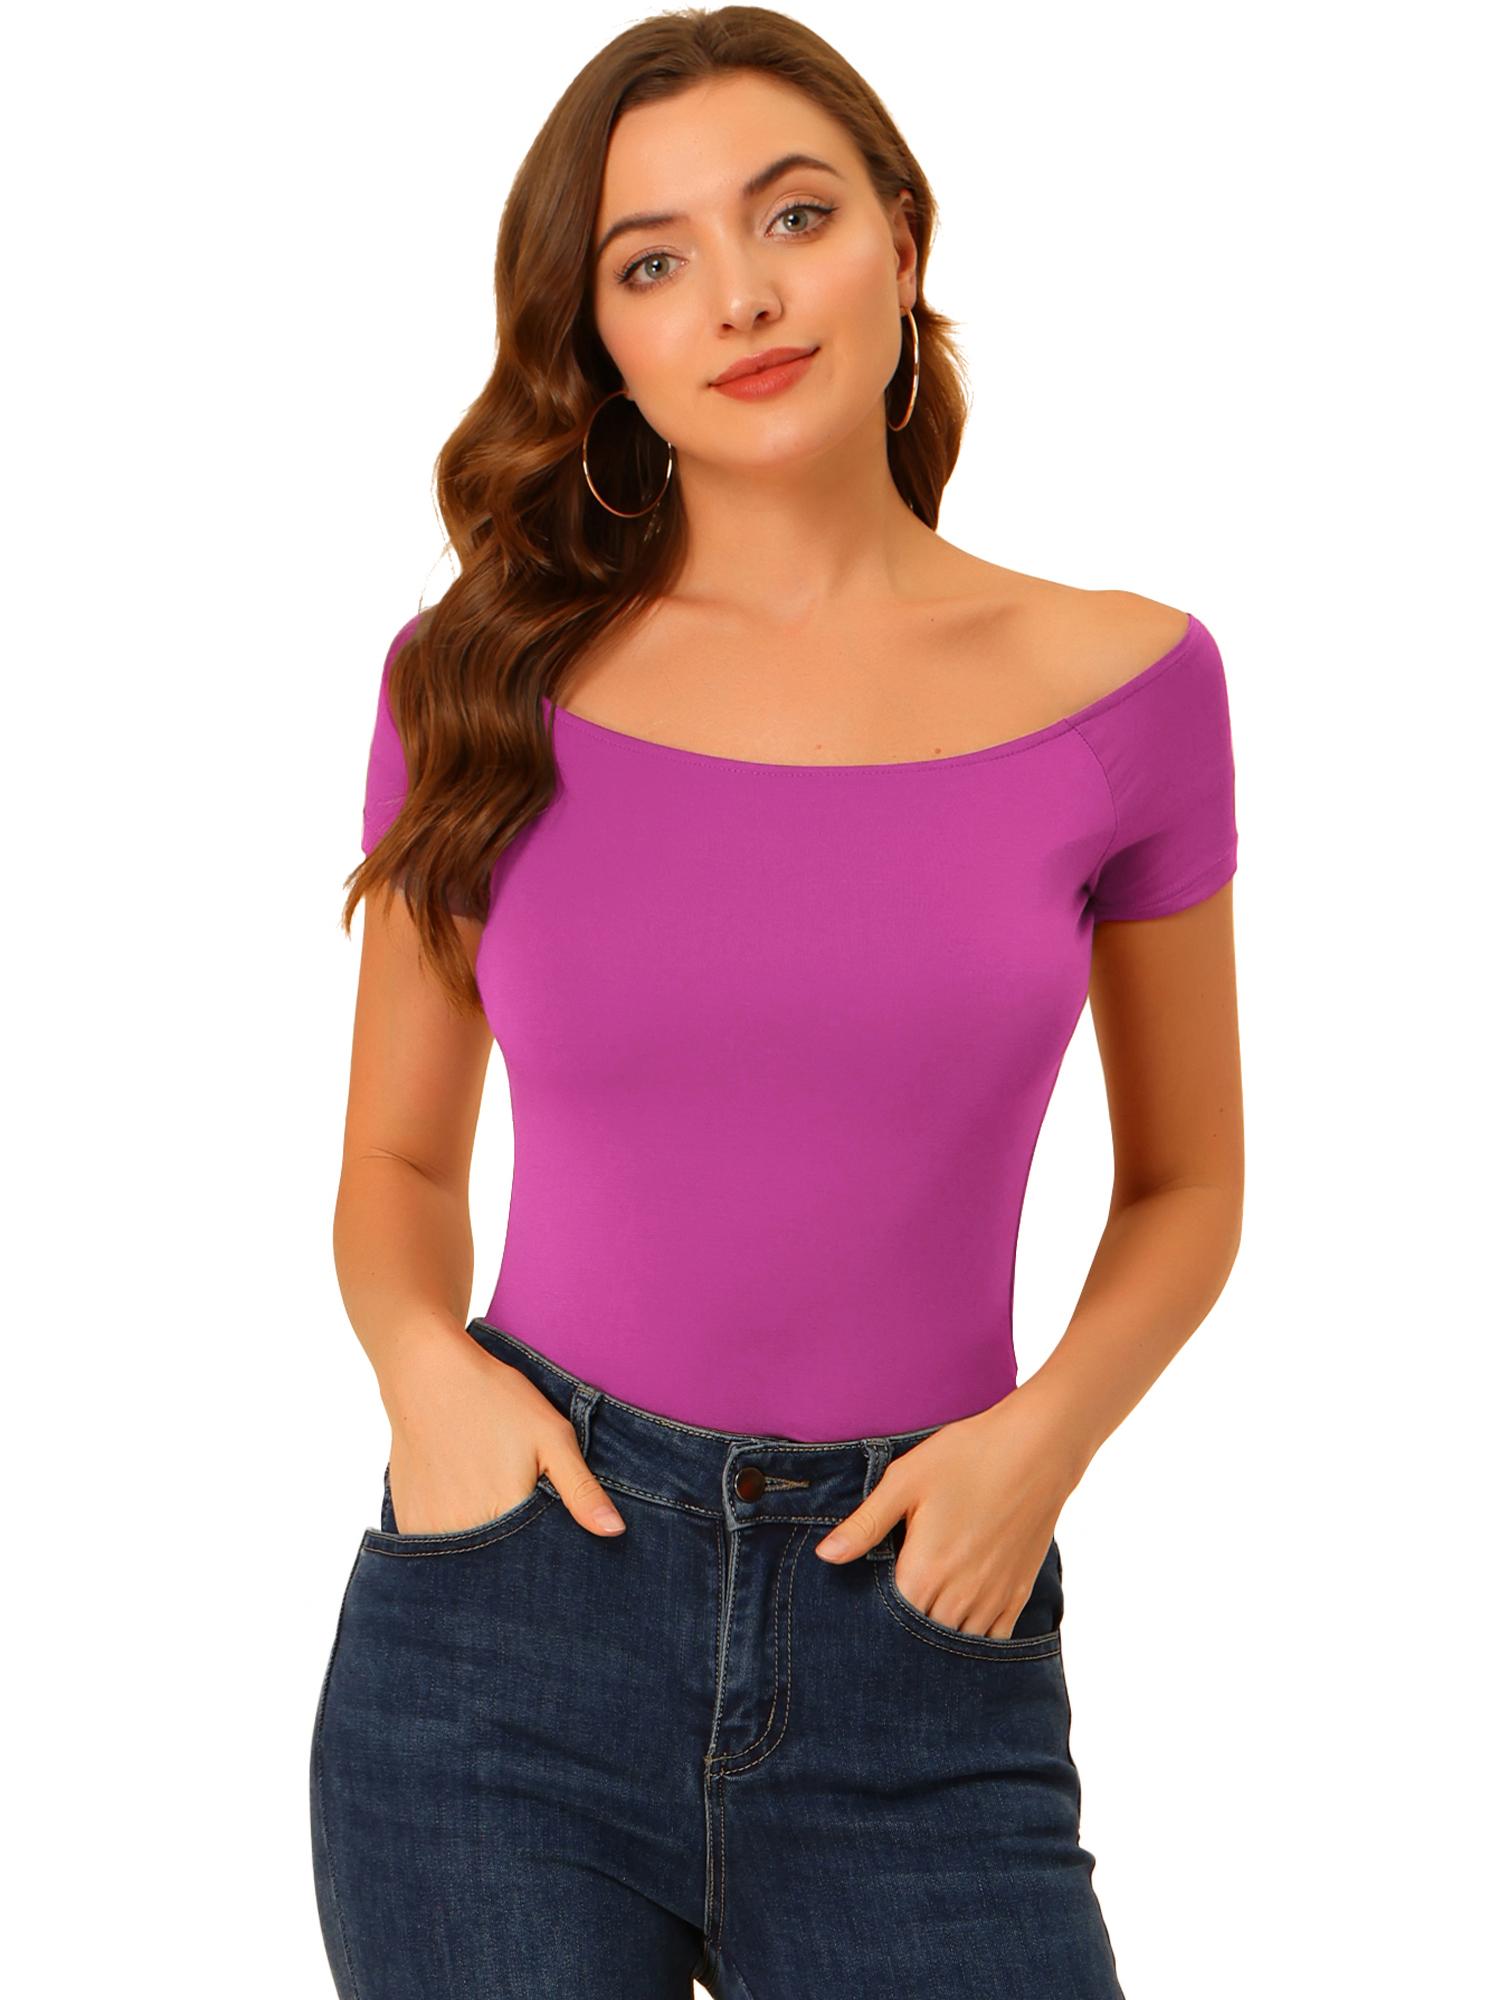 Women Short Sleeves Slim Fit Off the Shoulder Top Violet M